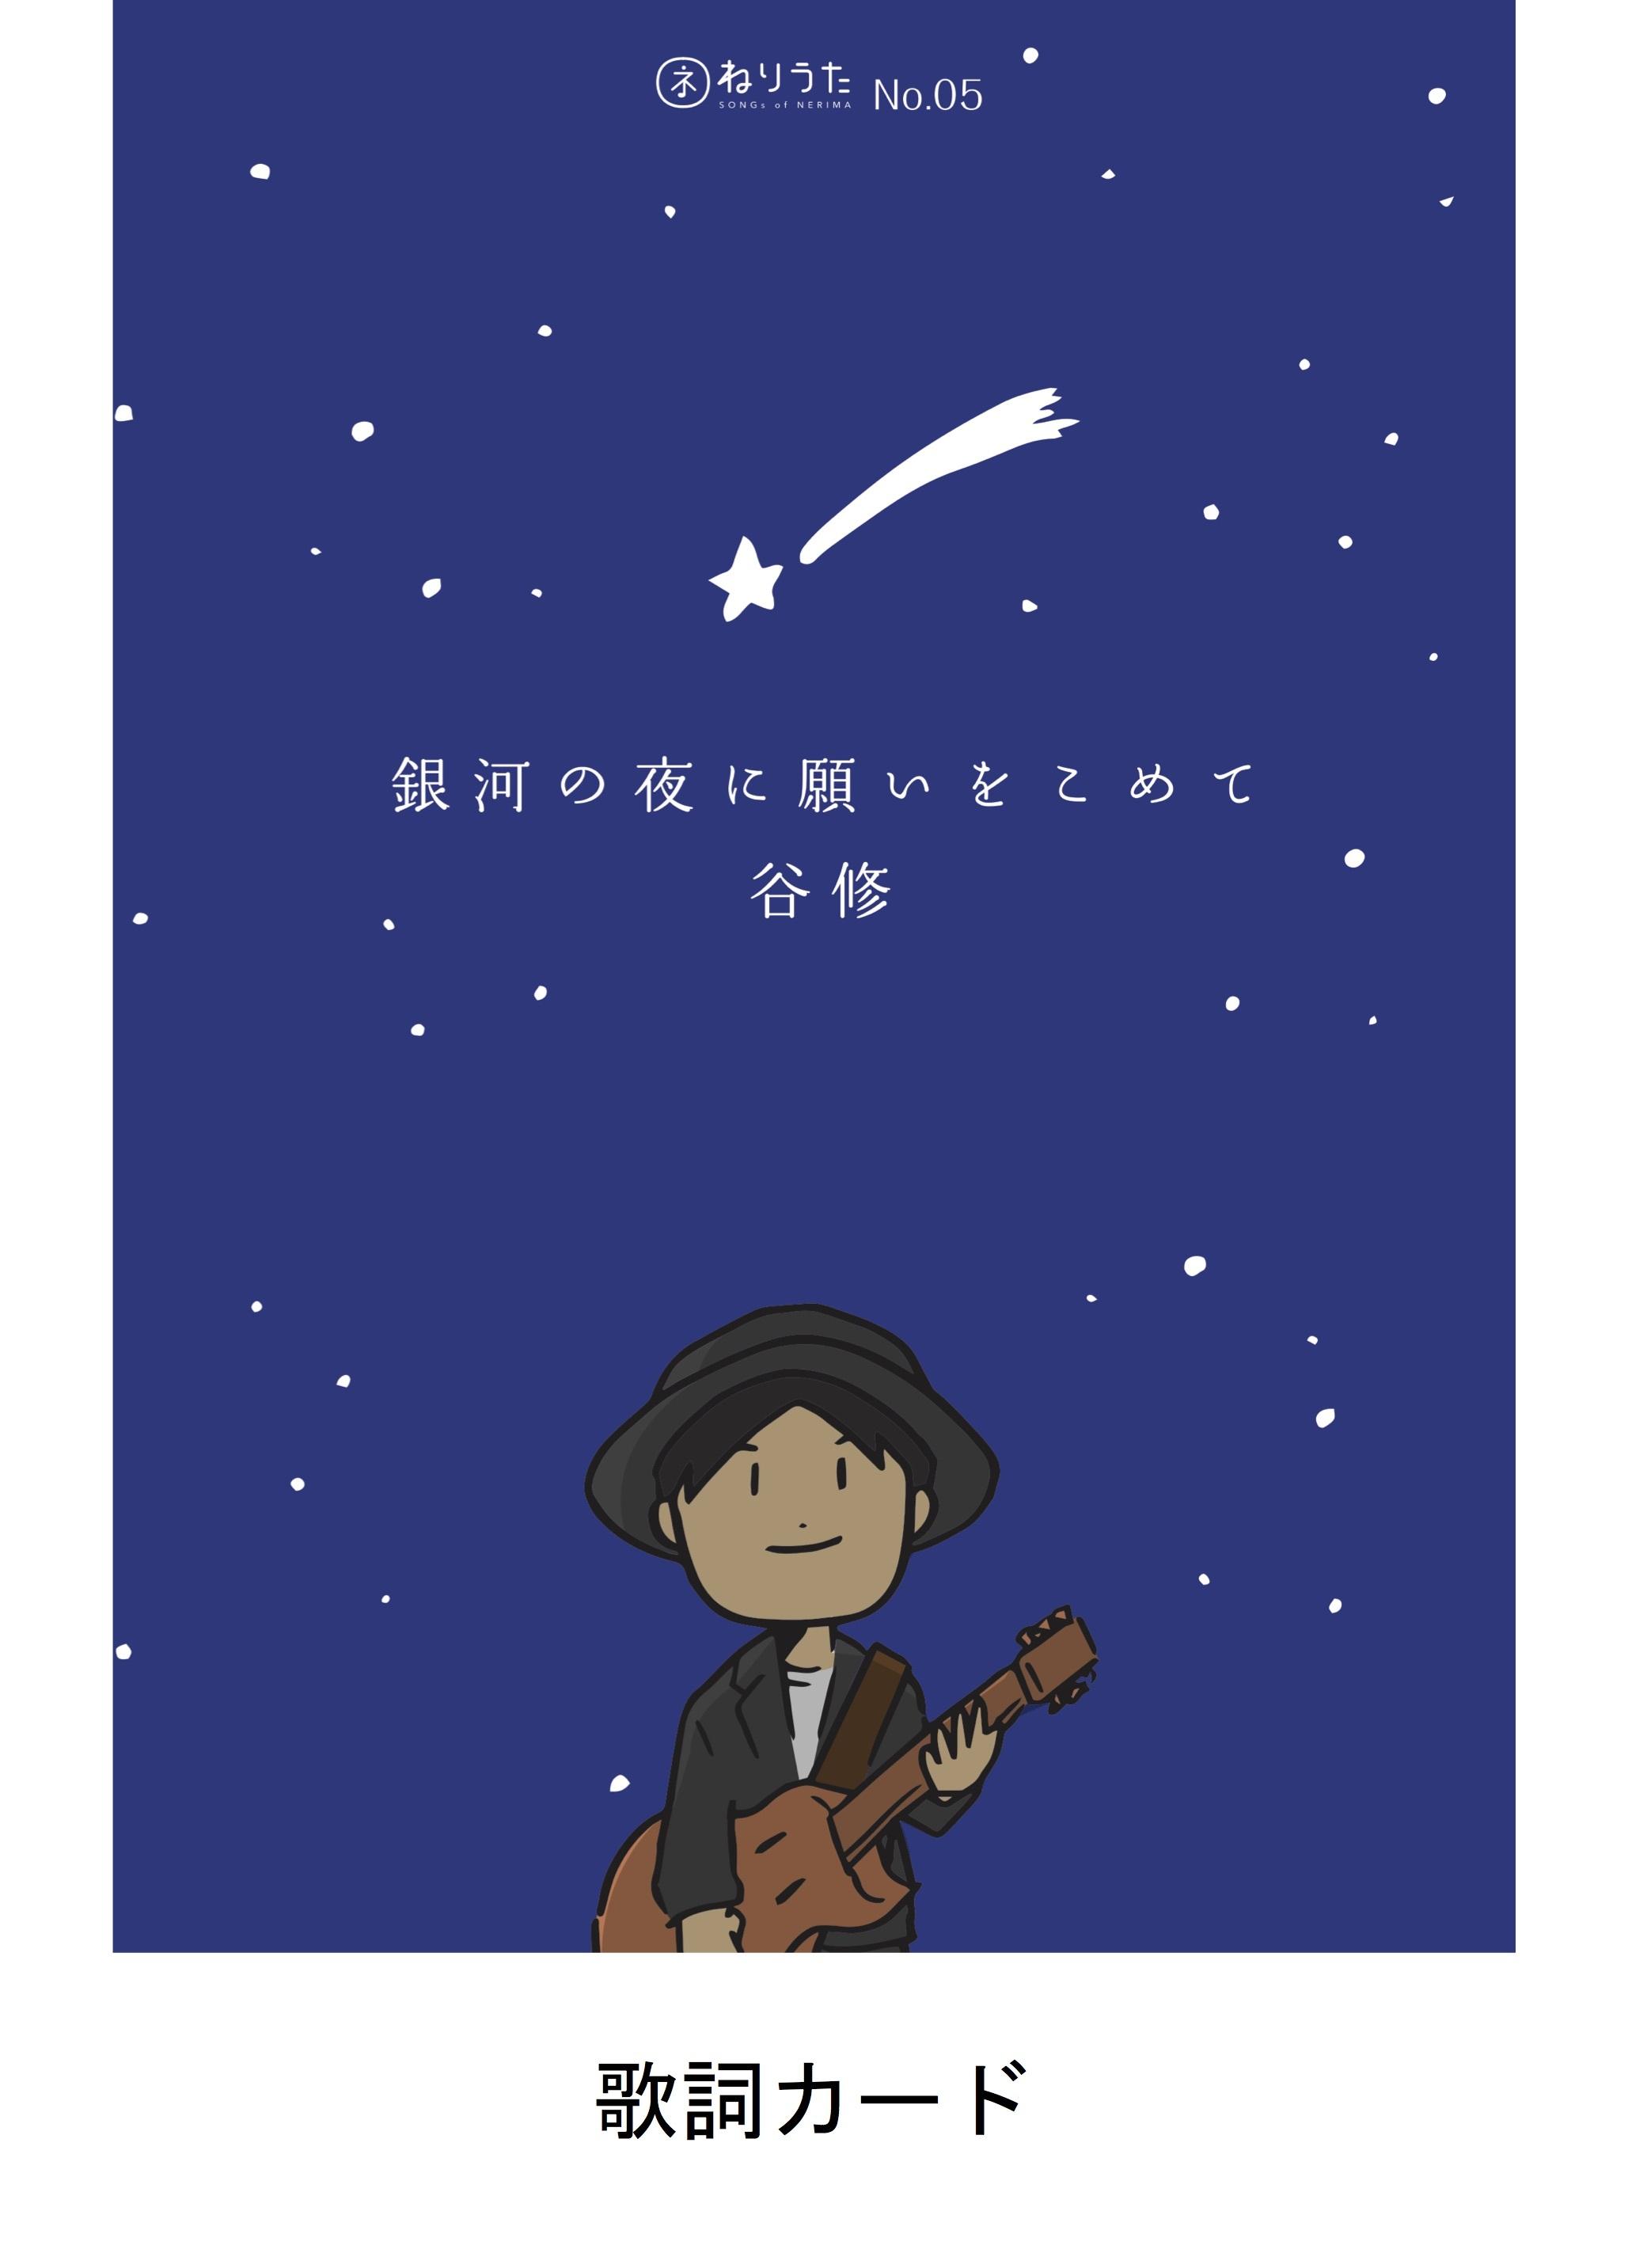 ねりうた #05 「銀河の夜に願いをこめて」歌詞カード